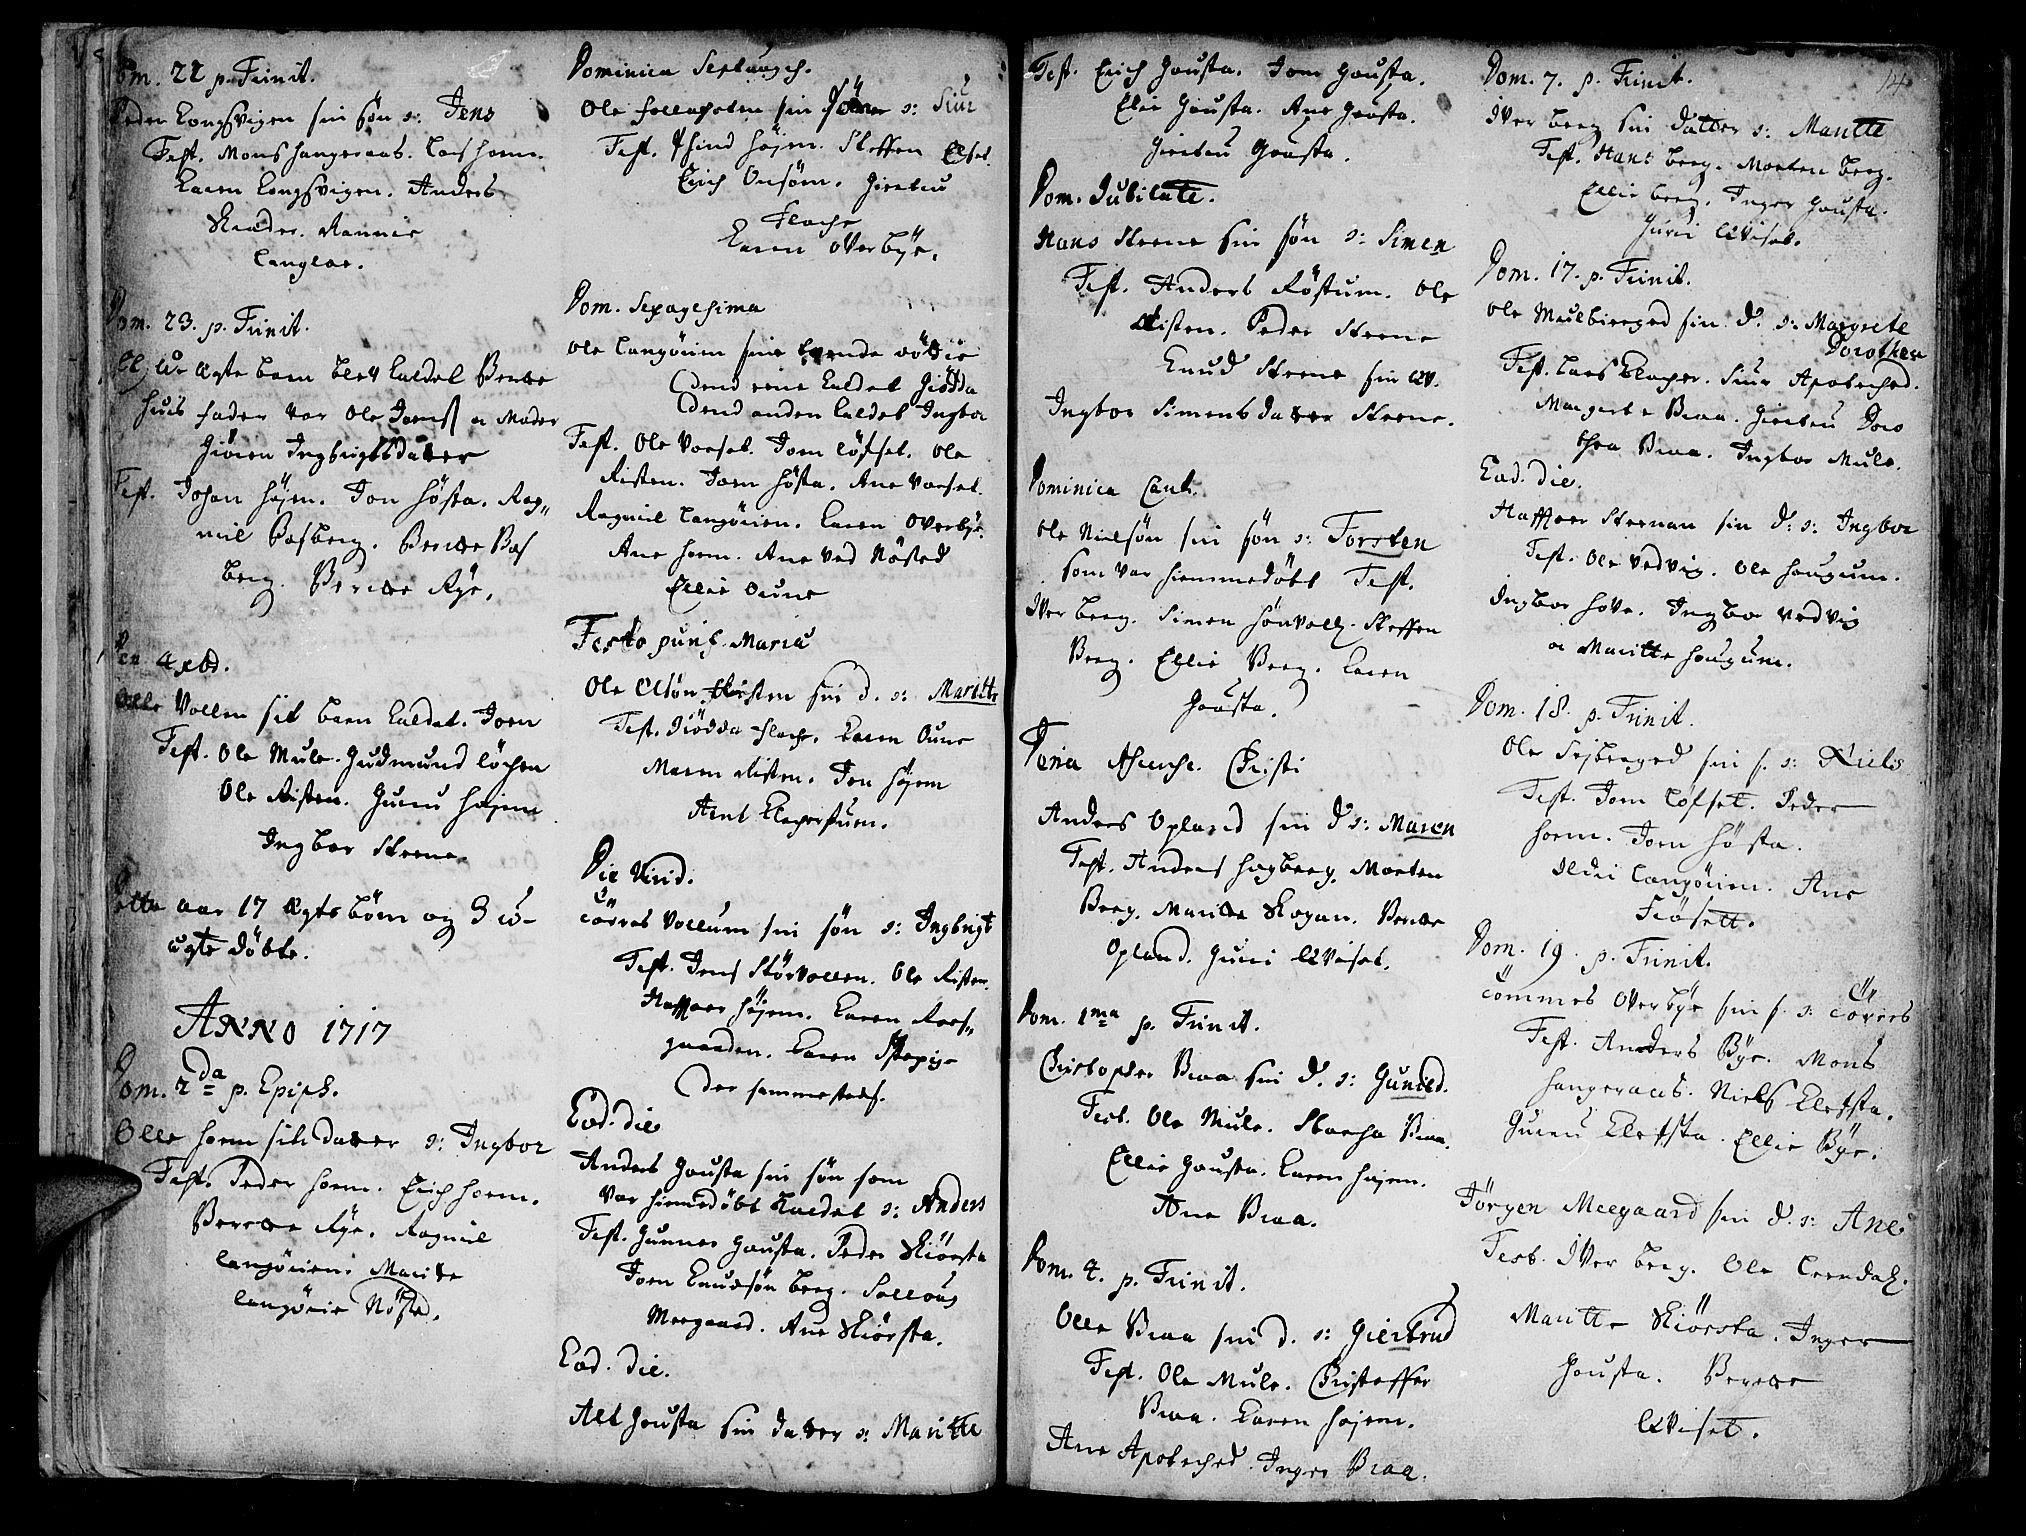 SAT, Ministerialprotokoller, klokkerbøker og fødselsregistre - Sør-Trøndelag, 612/L0368: Ministerialbok nr. 612A02, 1702-1753, s. 14